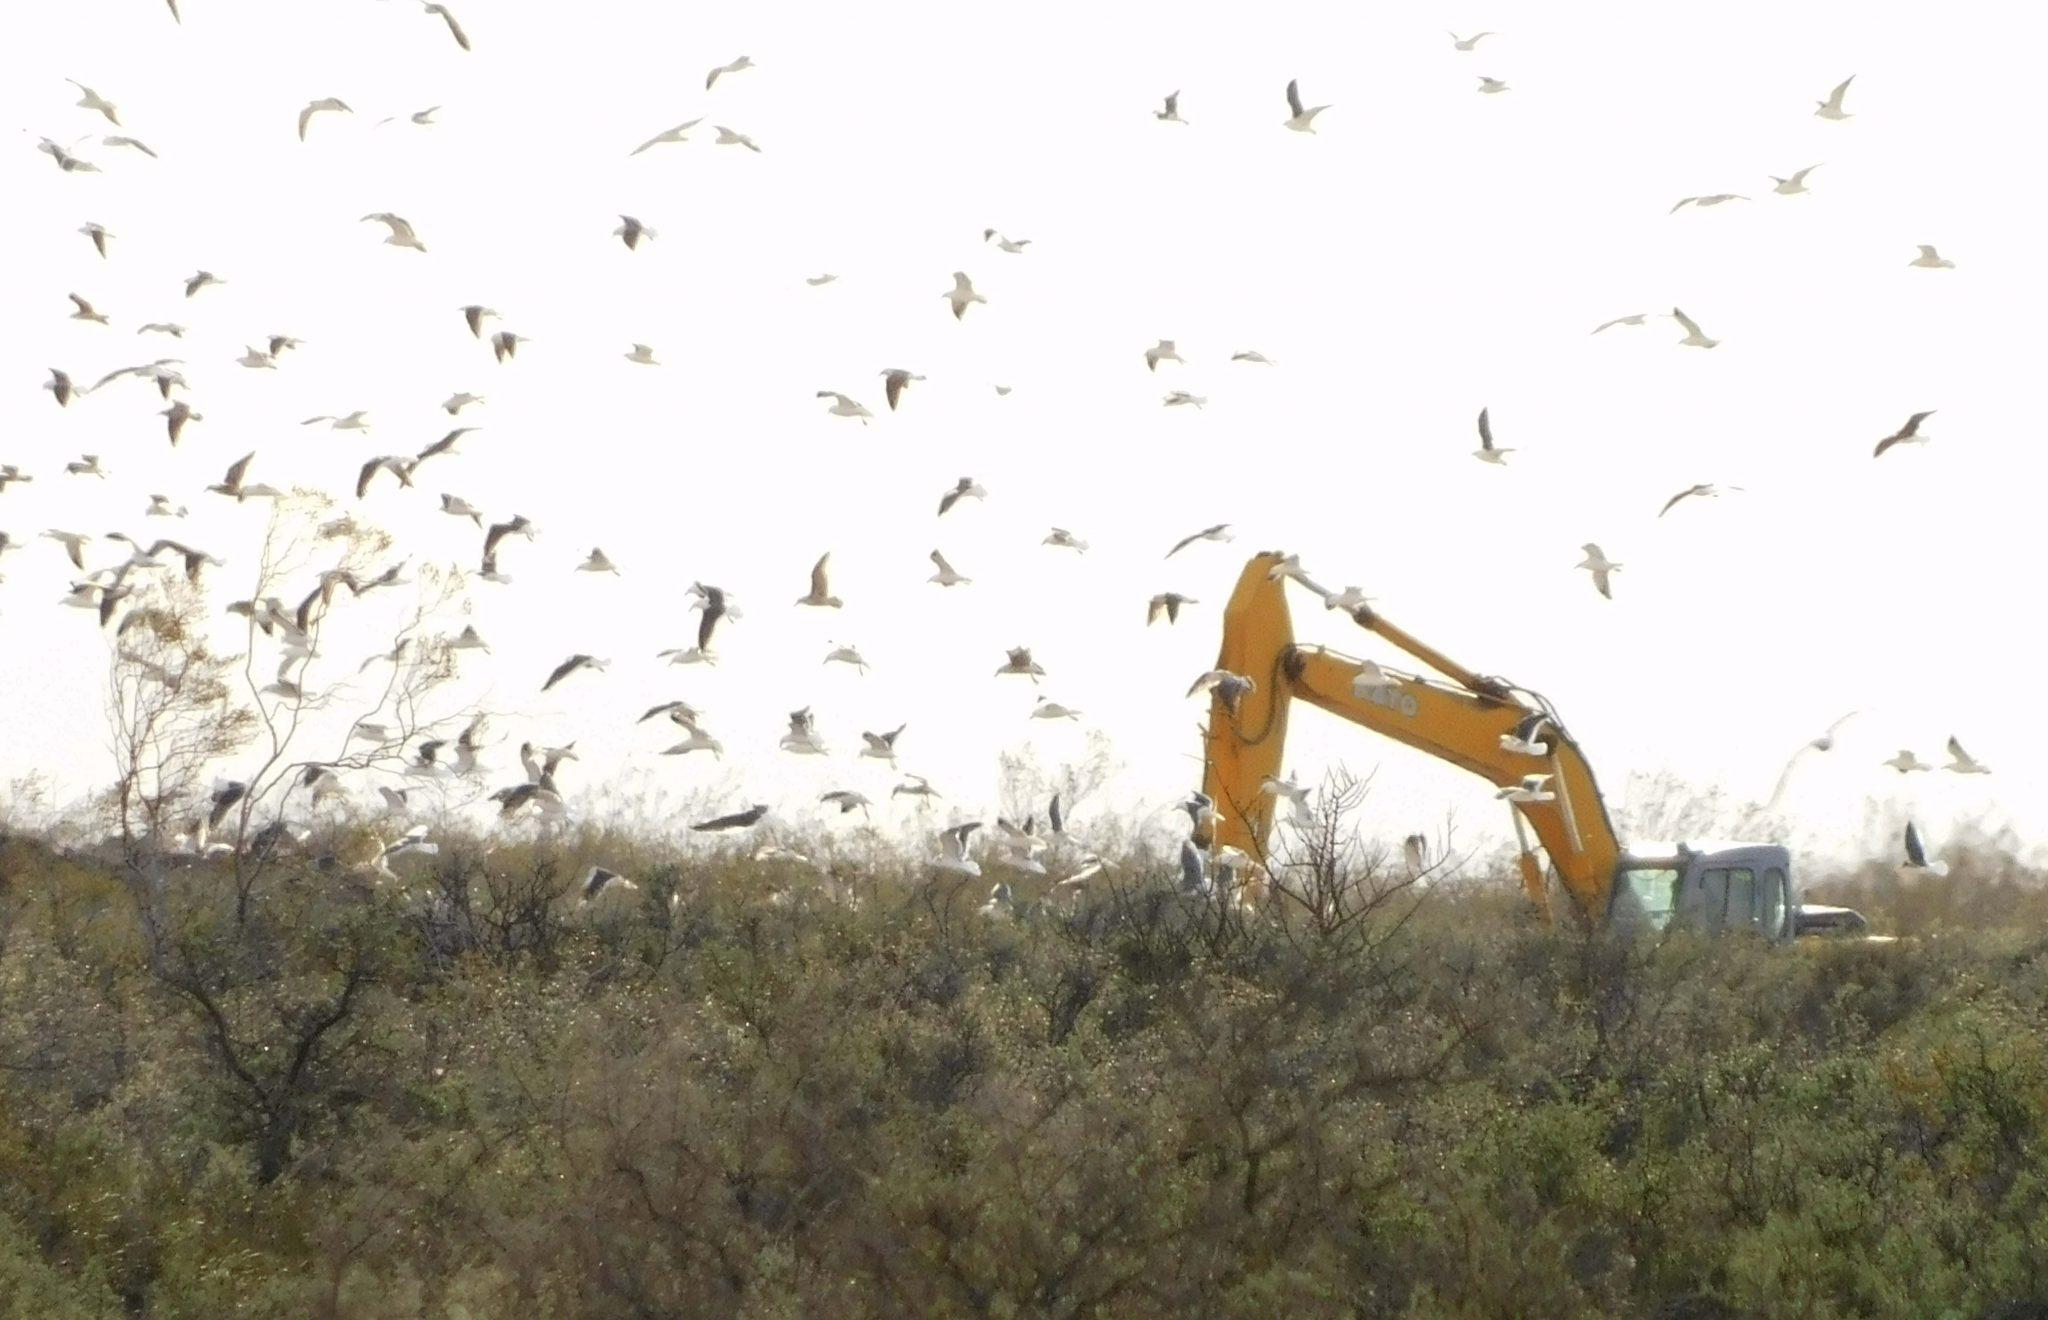 Sigue el volcado de residuos de Langostinos a la vera de la Ruta 1